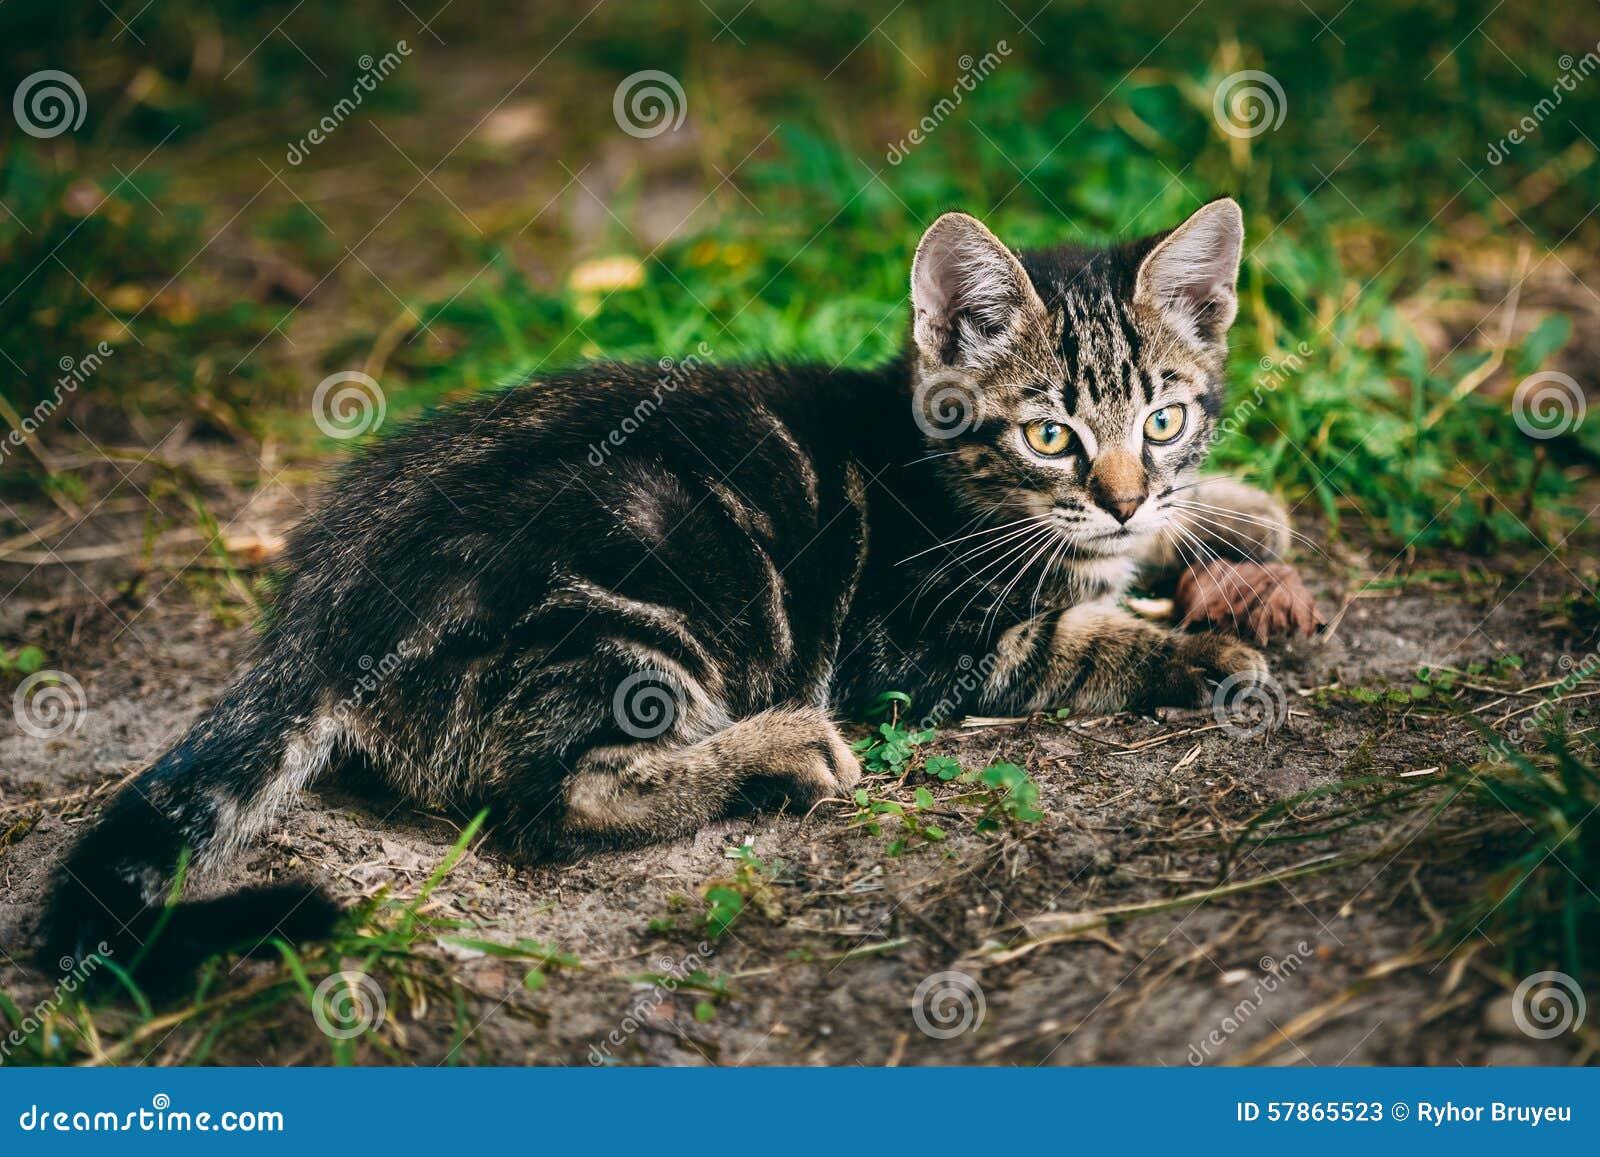 Playful Cute Tabby Gray Cat Kitten Pussycat